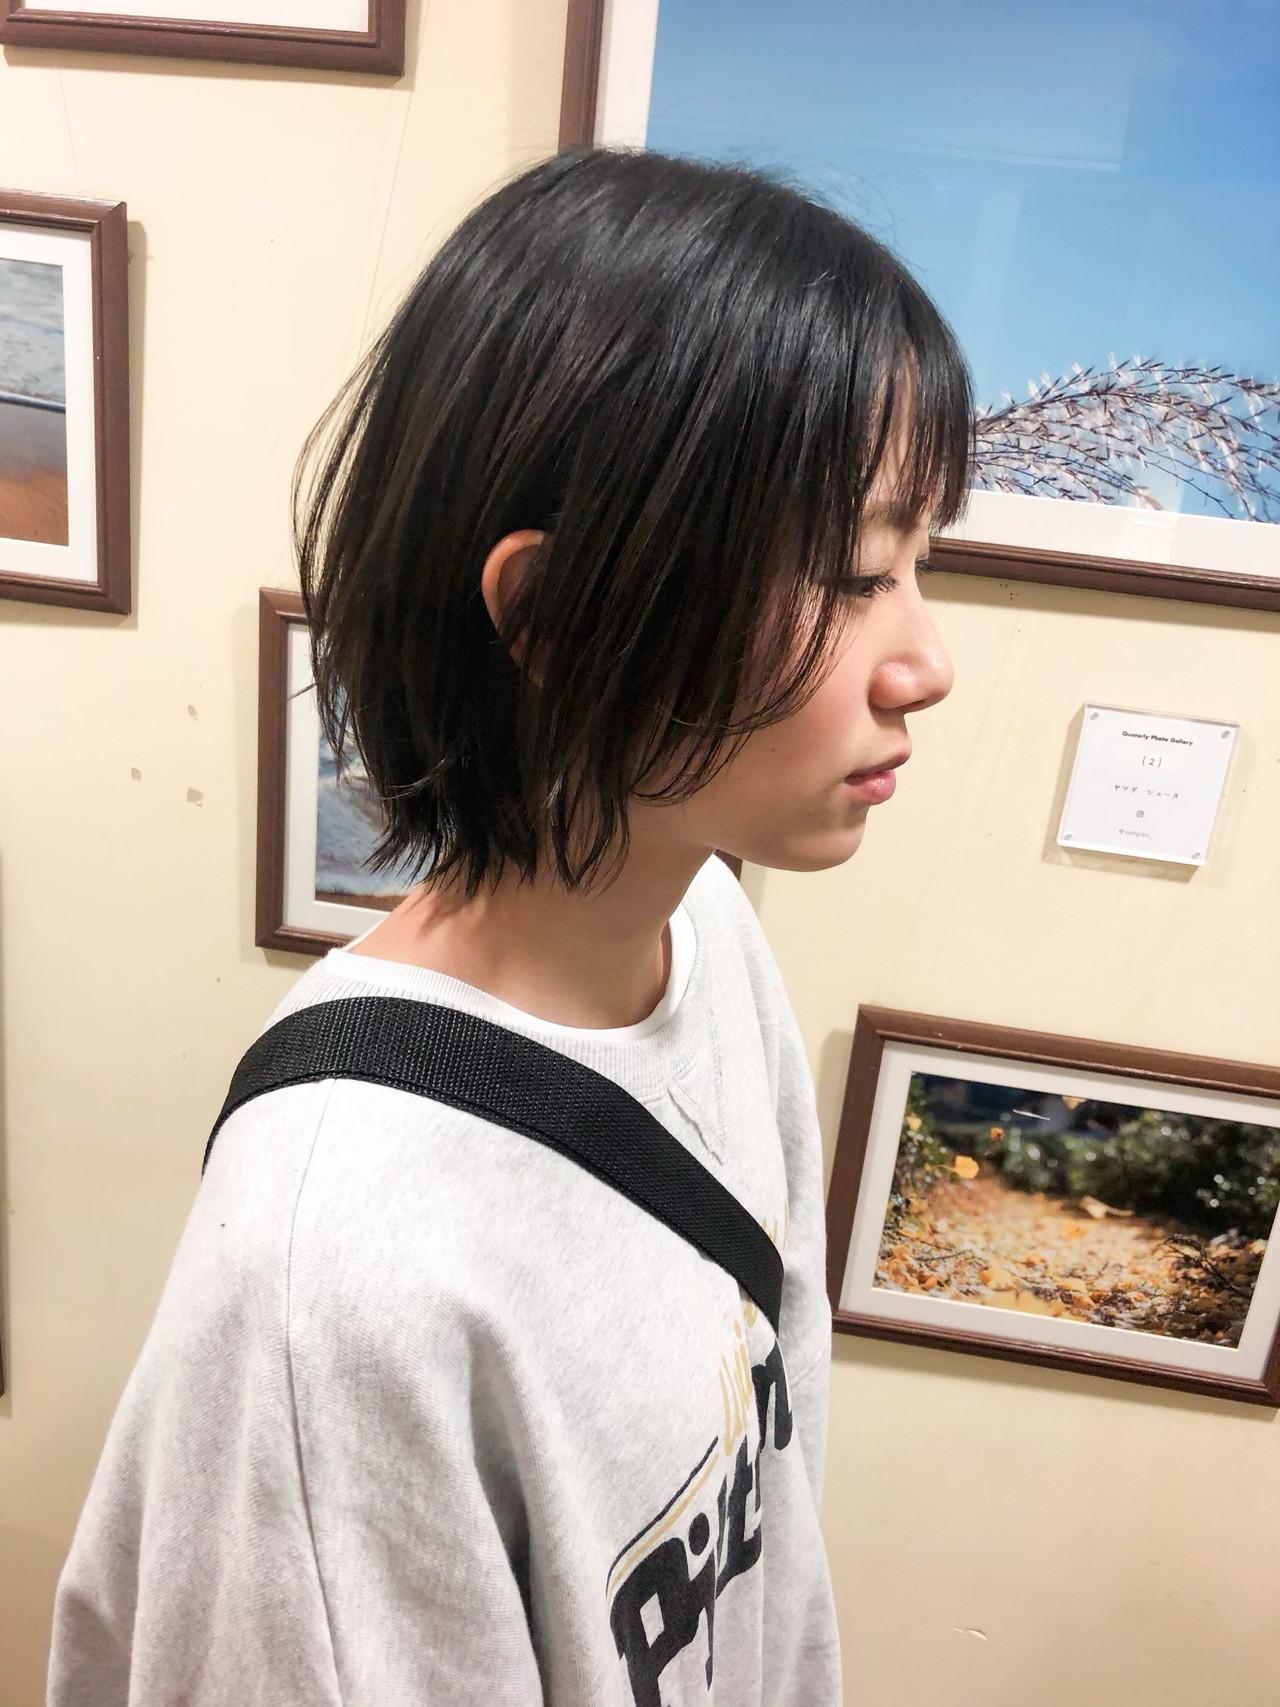 ハンサム アンニュイほつれヘア ナチュラル 暗髪 ヘアスタイルや髪型の写真・画像 | ヤマダ ケイタ / graf